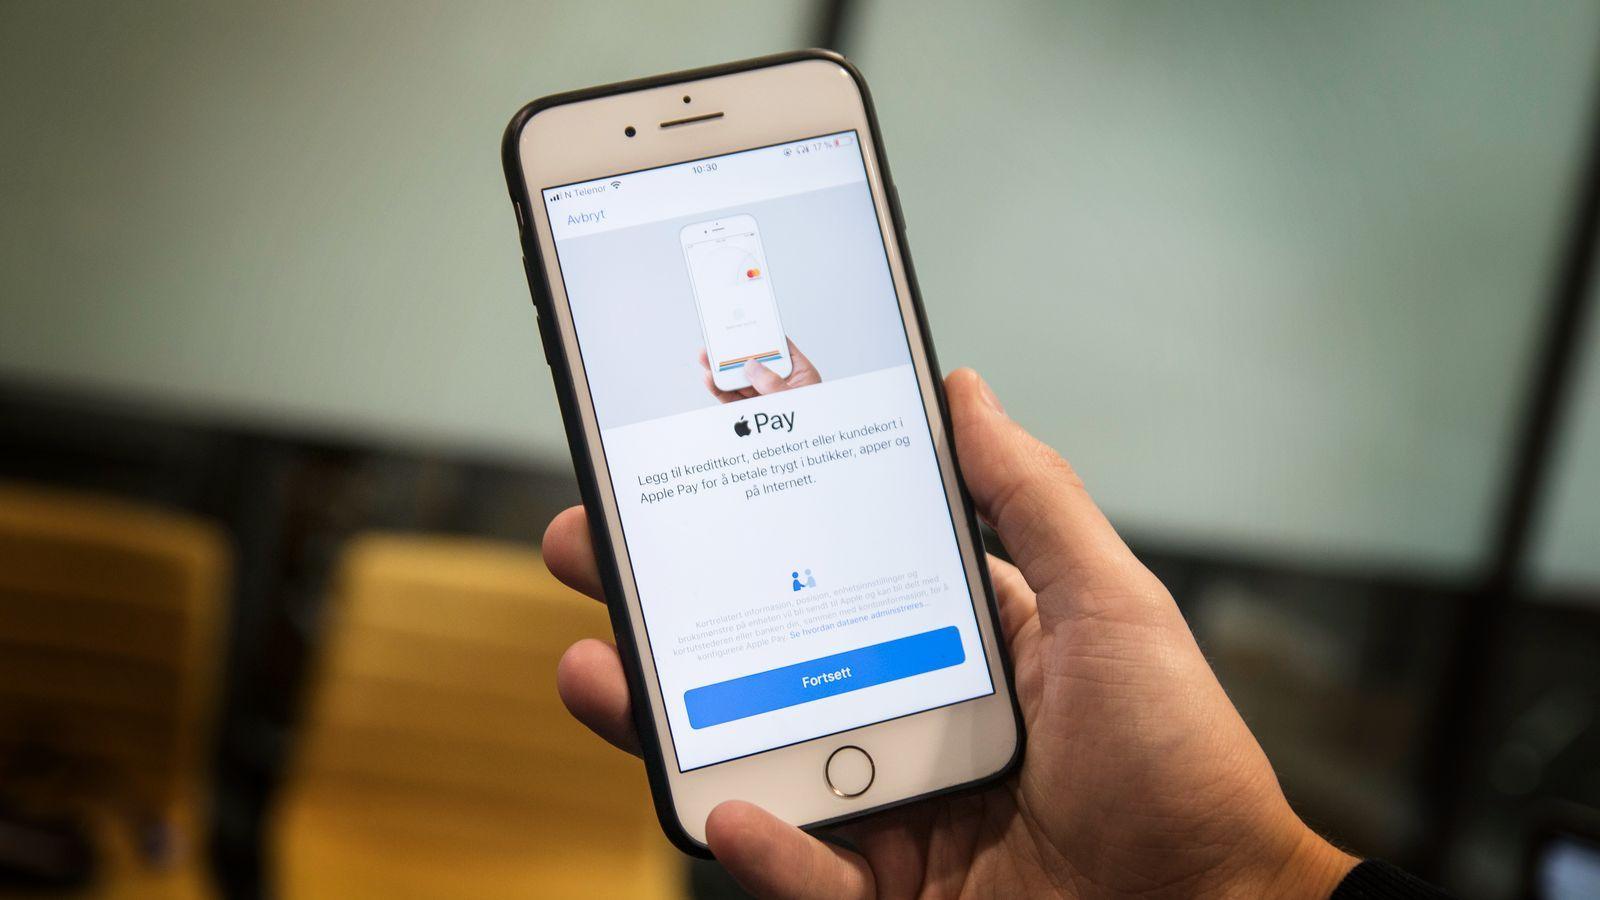 «Kontaktløse» betalingskort krever at du legitimerer deg med kode. Mobilen din vet allerede hvem du er når du holder den inntil betalingsterminalen. Å modernisere måten du betaler kan motvirke smitte.